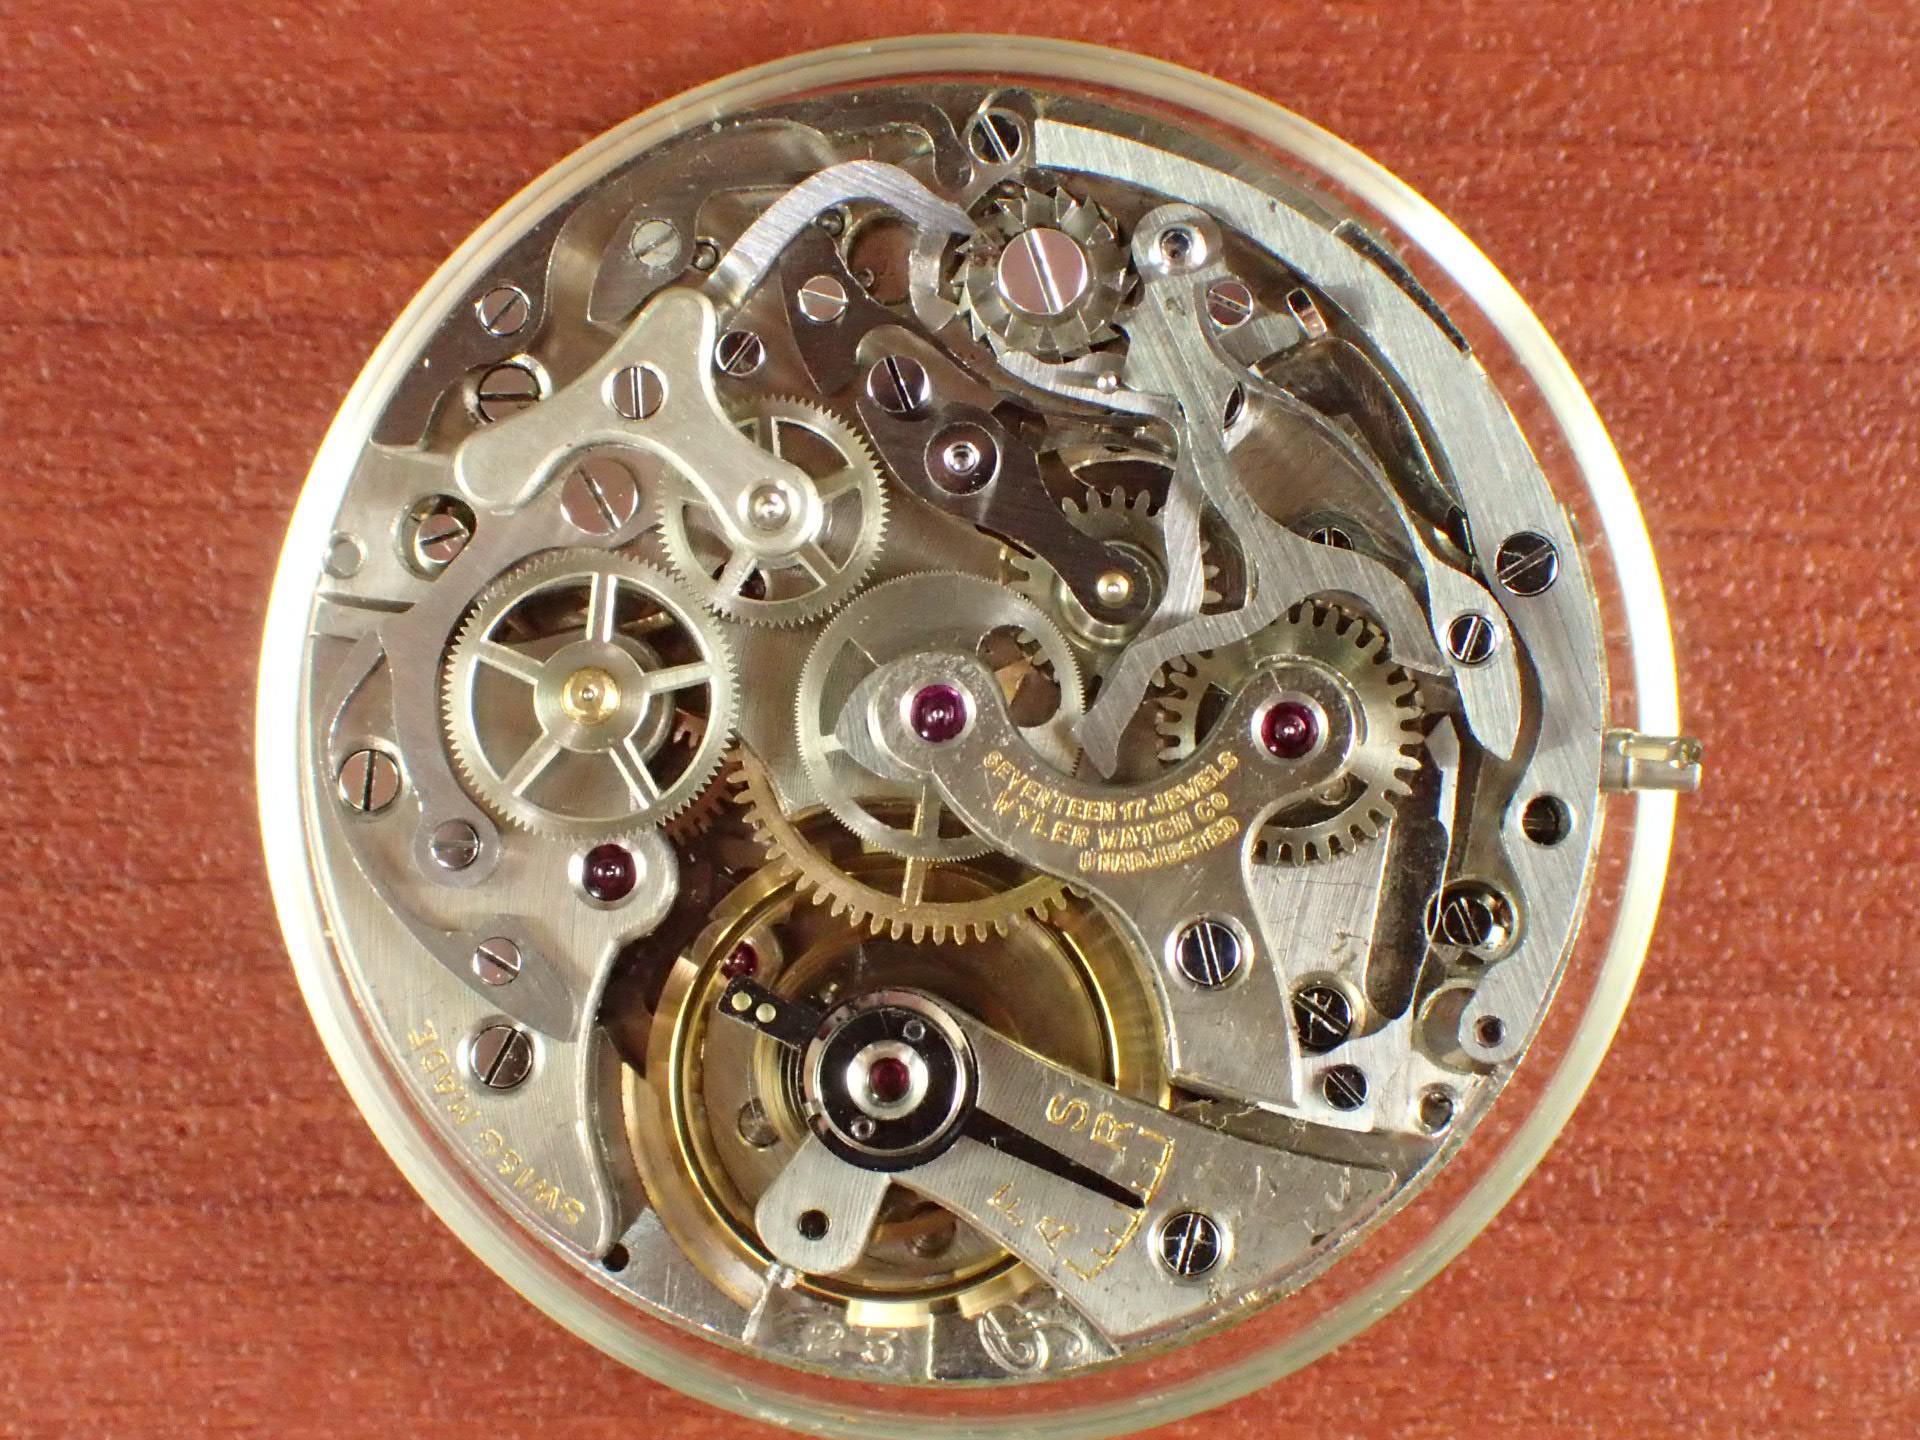 ワイラー クロノグラフ Cal.バルジュー23 インカフレックス 1940年代の写真5枚目